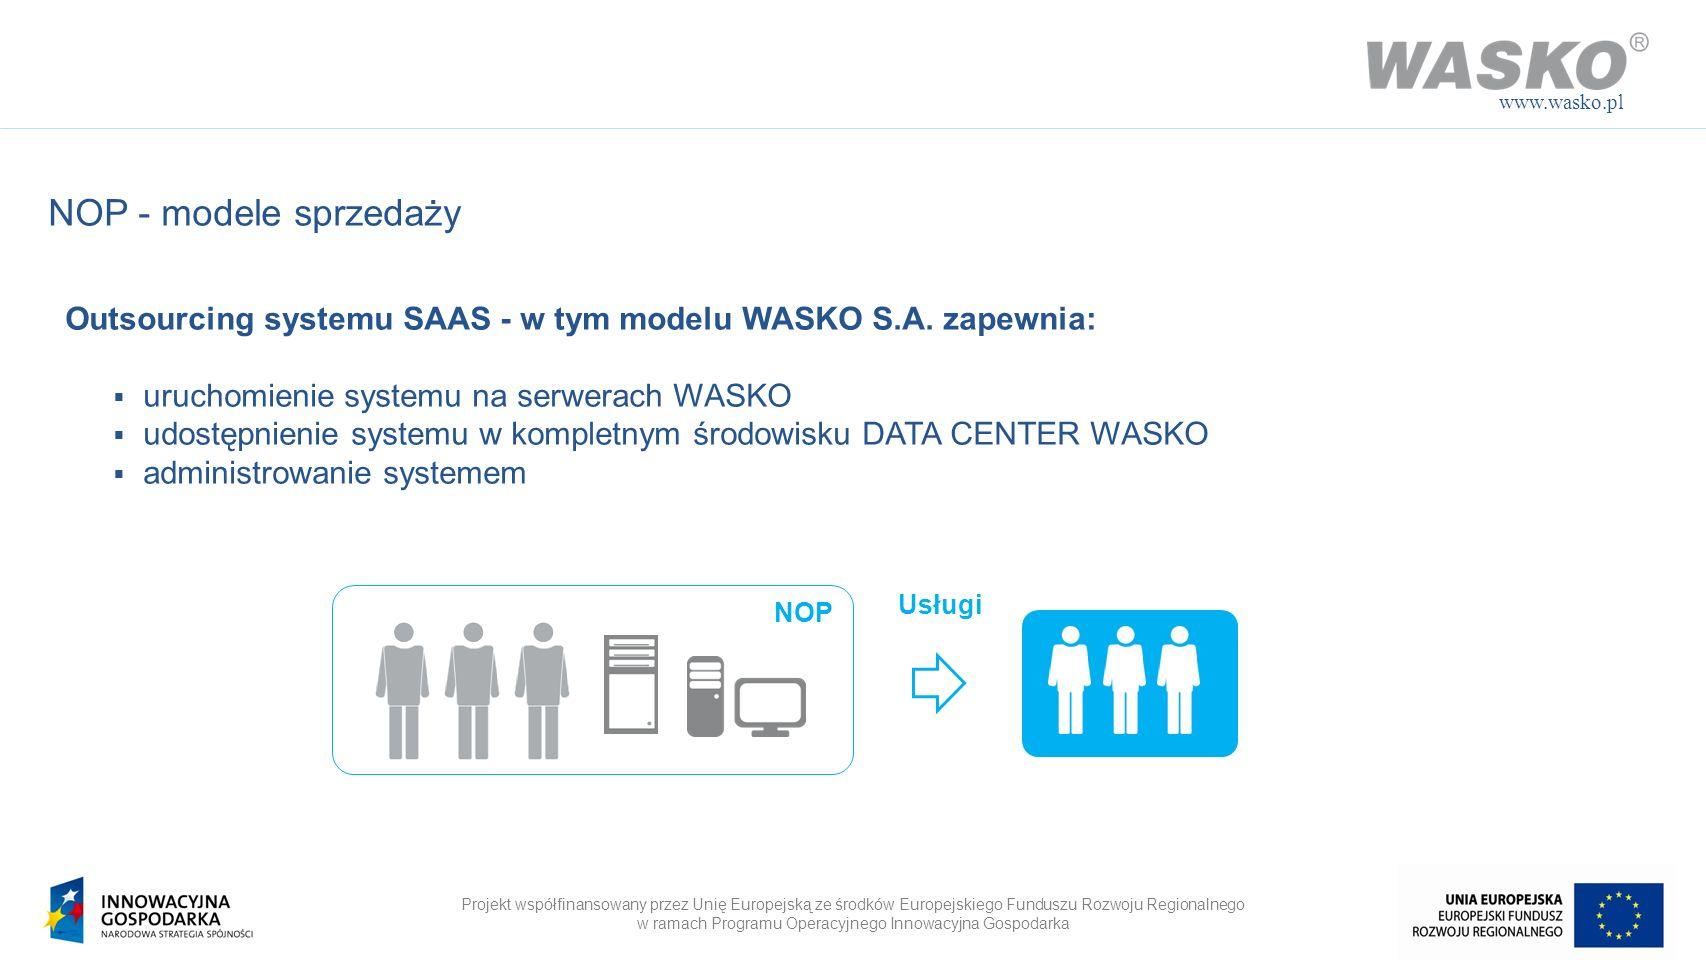 www.wasko.pl NOP - modele sprzedaży. Outsourcing systemu SAAS - w tym modelu WASKO S.A. zapewnia: uruchomienie systemu na serwerach WASKO.